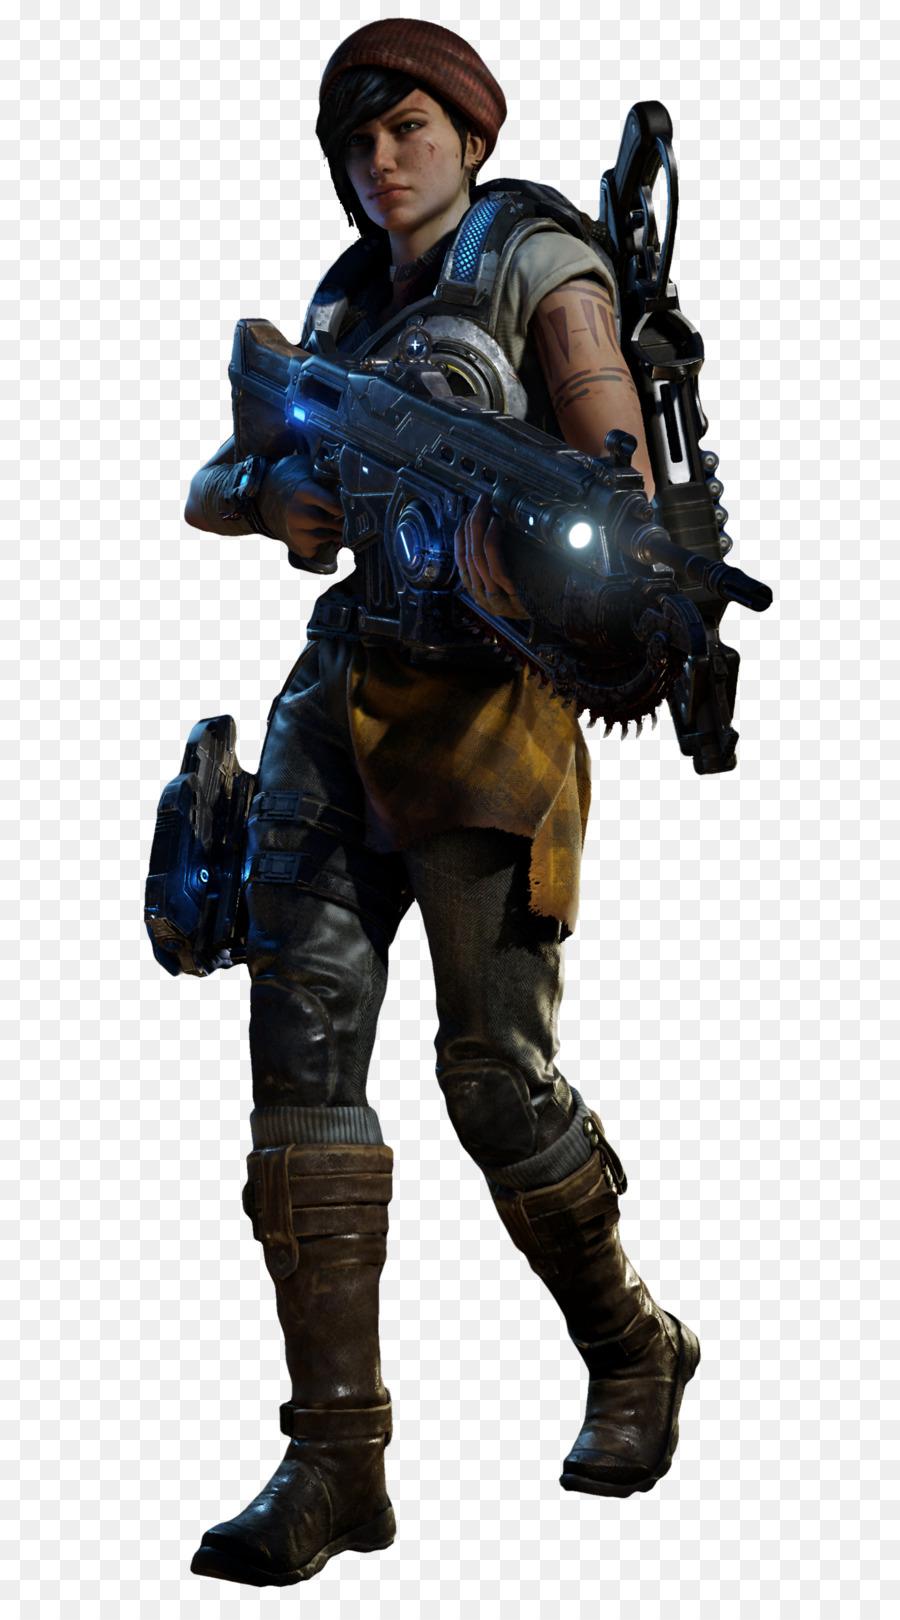 Gears Of War PNG - 172393